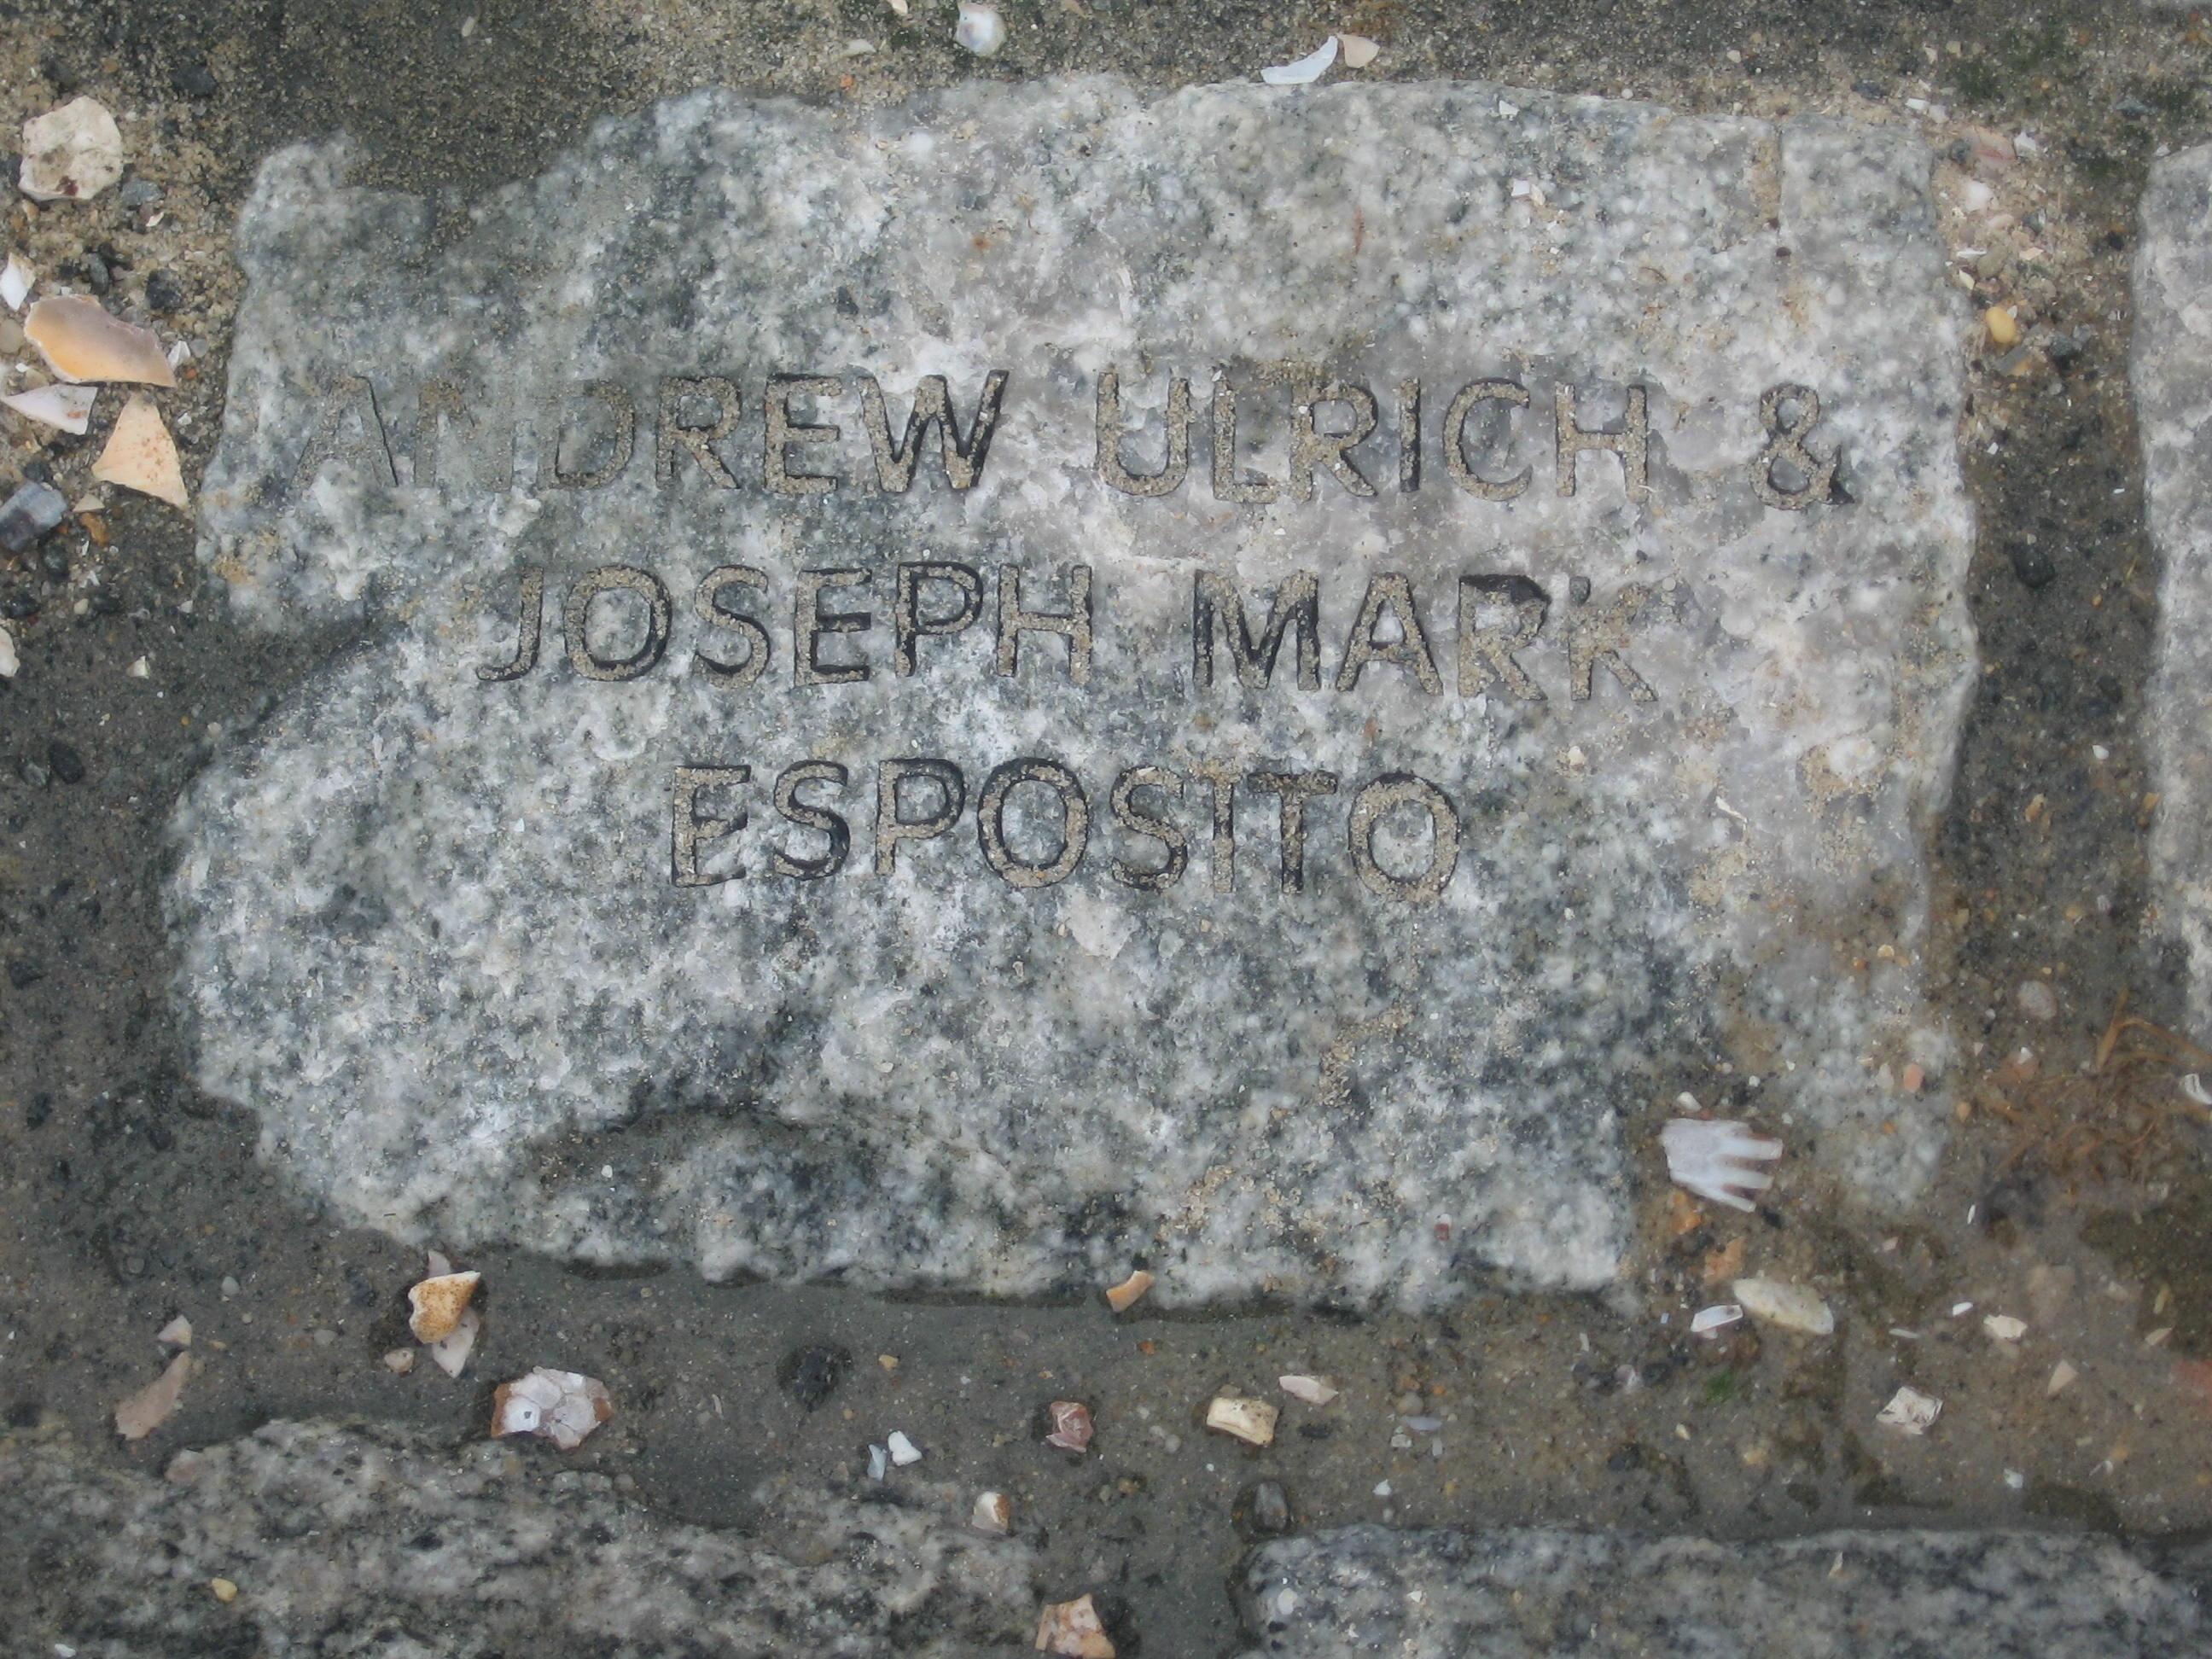 Andrew and Joseph's Memorial Stone